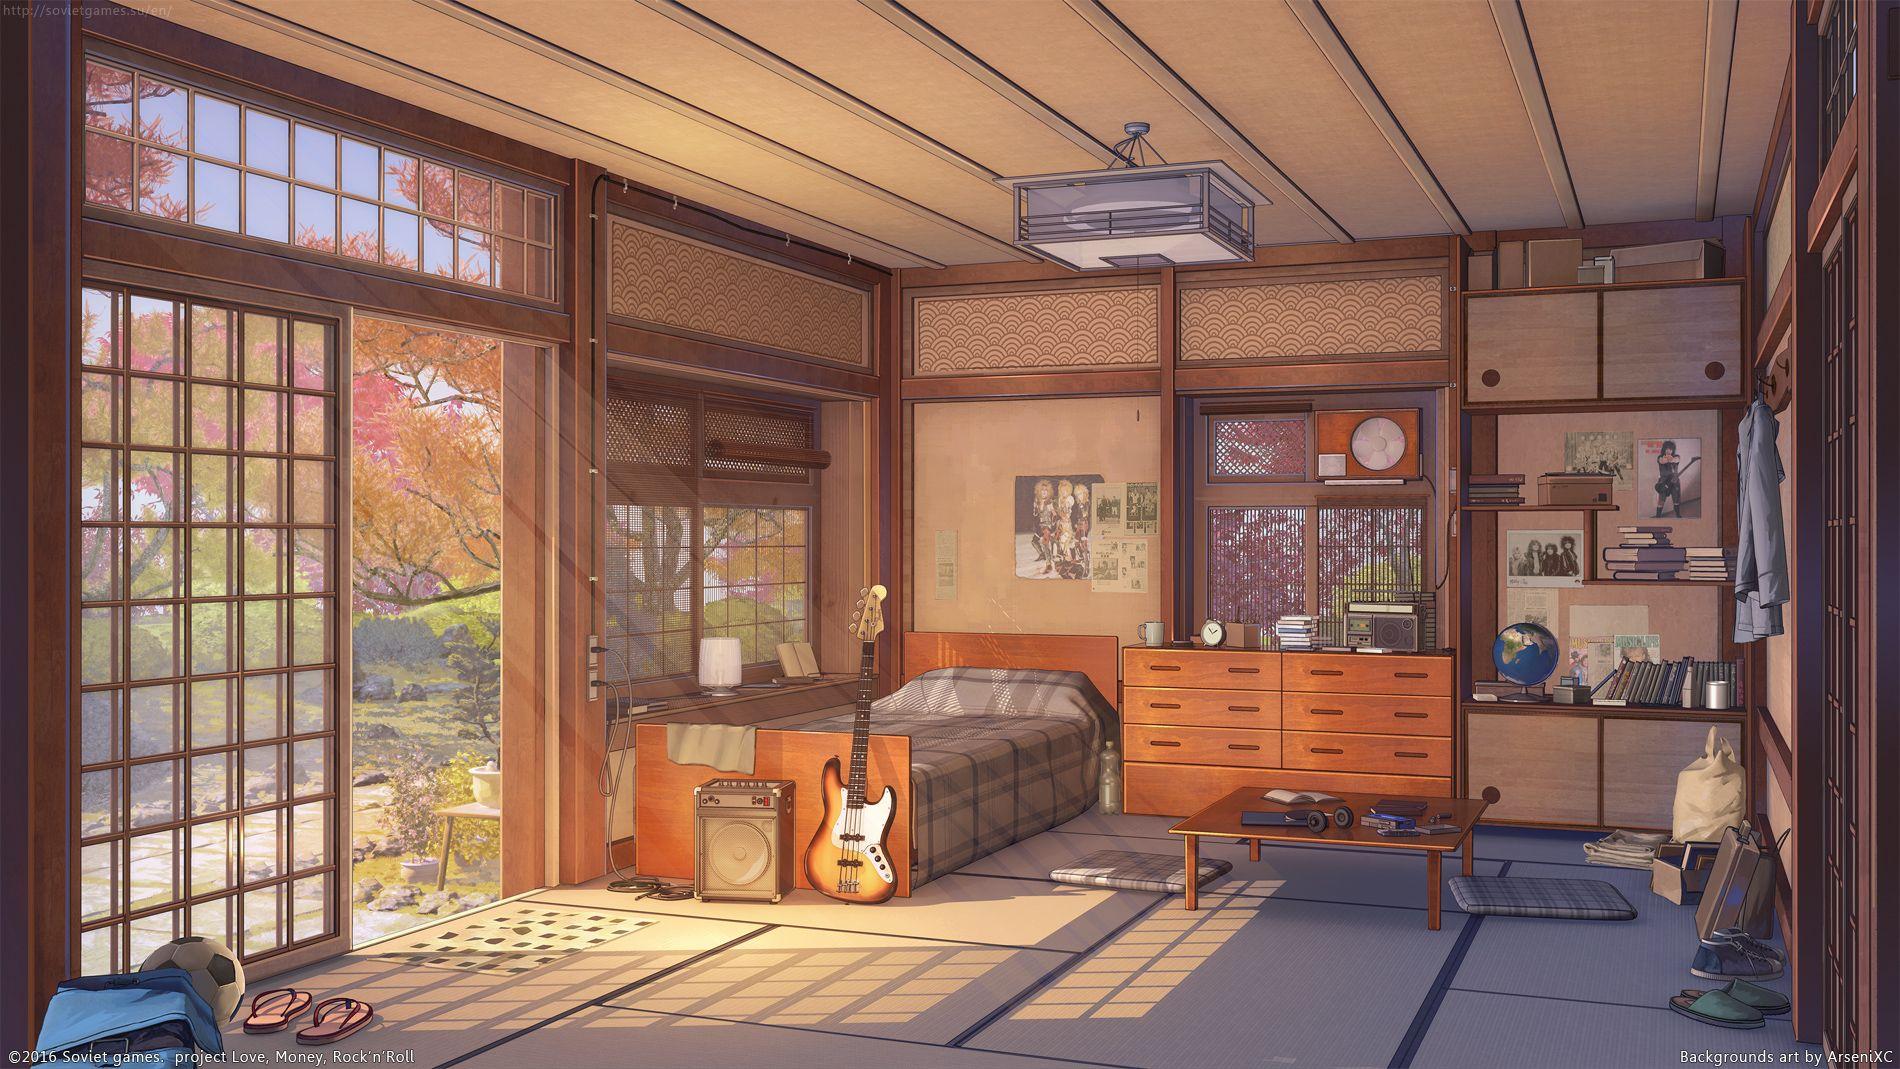 Room by on DeviantArt Art of